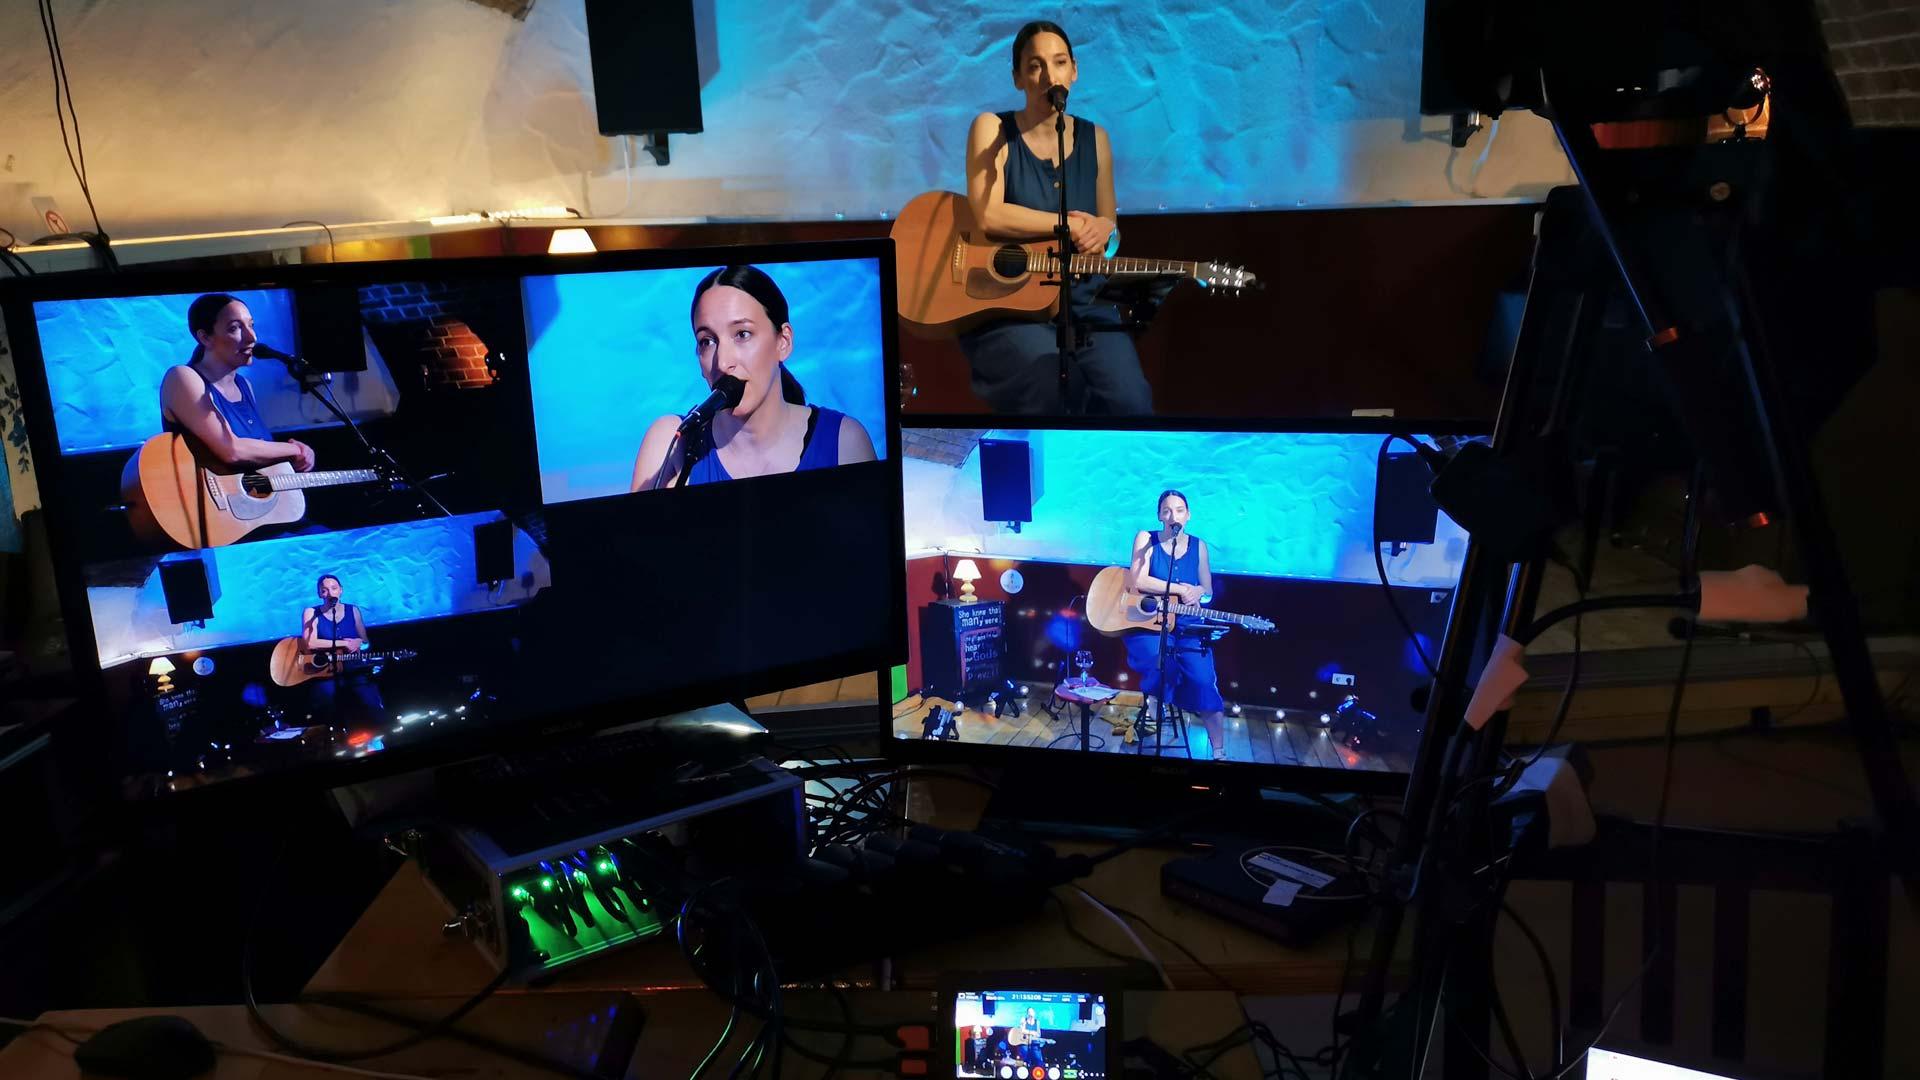 Das LUKE Livestream Setup